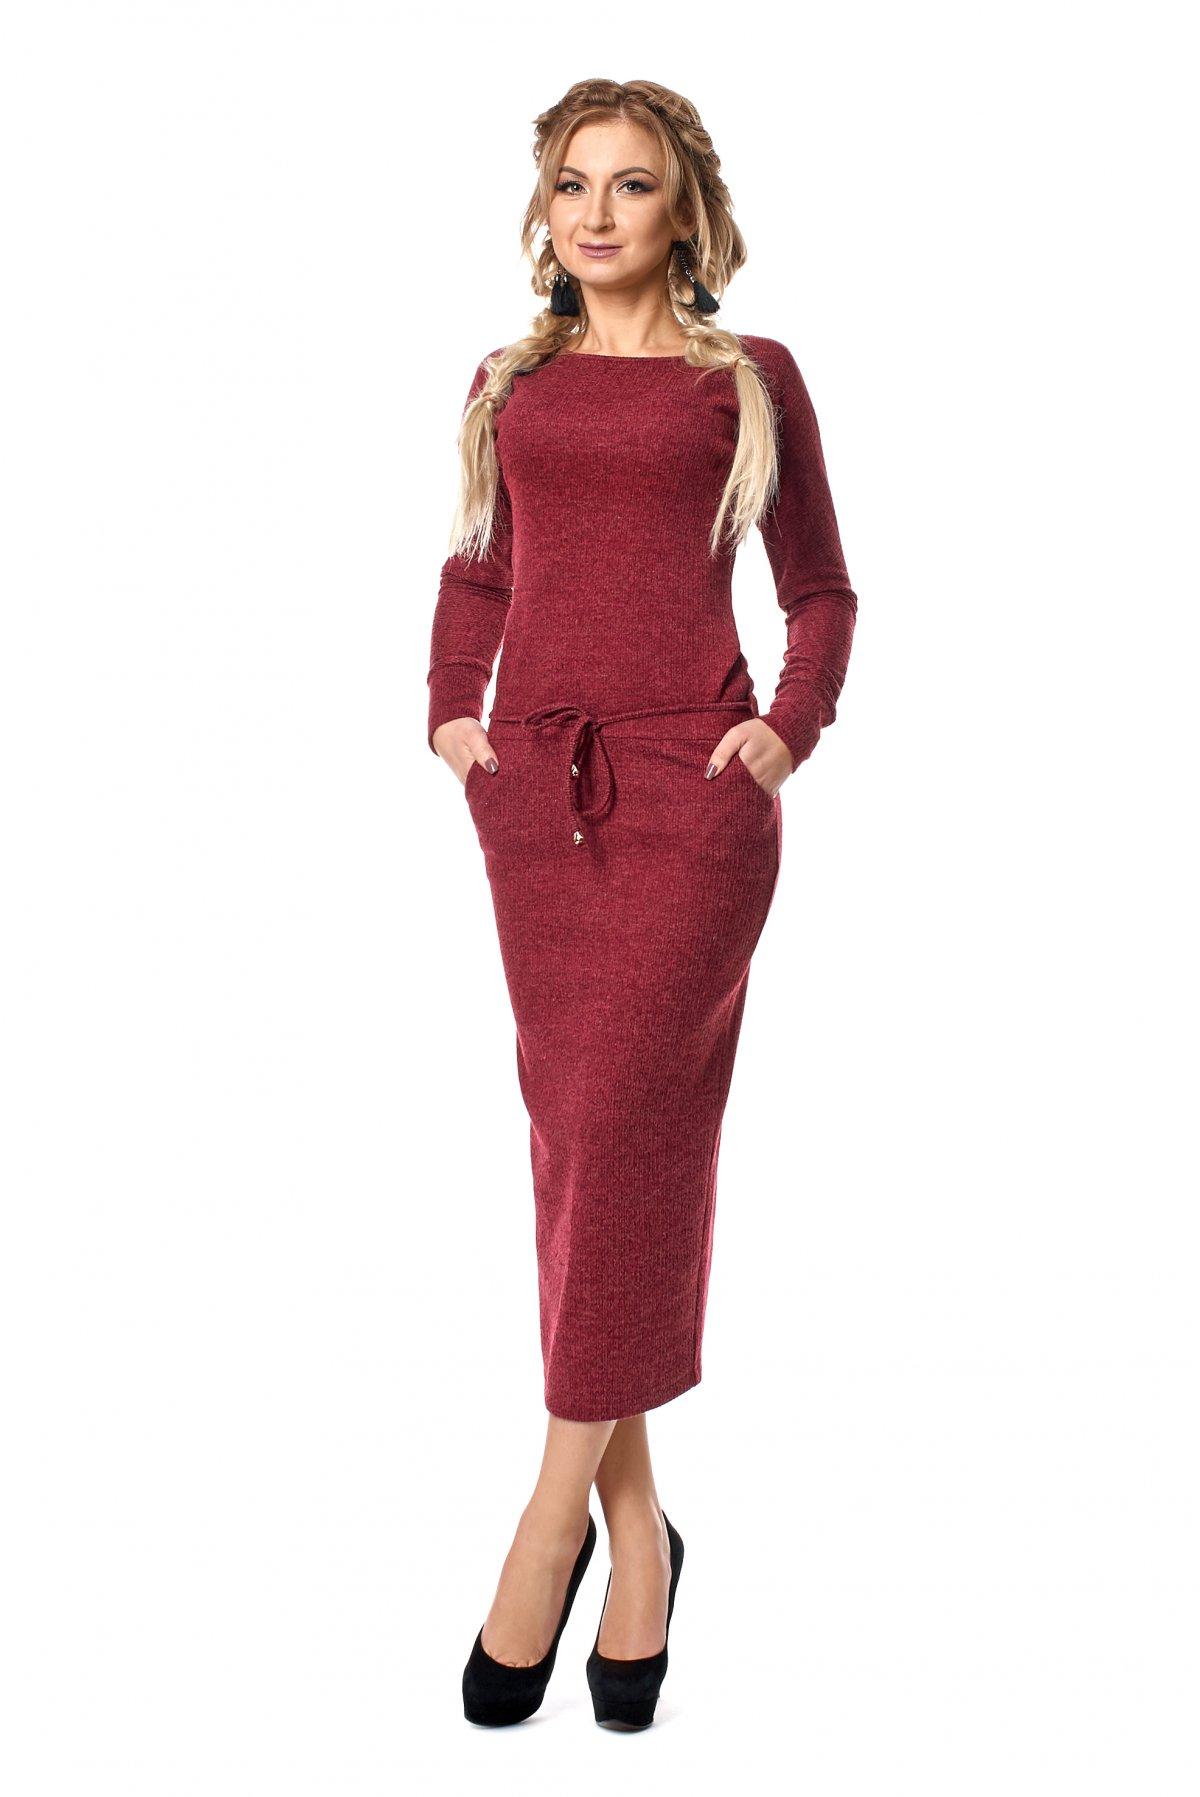 Жіноче тепле трикотажне плаття 1024 - Товари - Купити стильні сукні ... 380e499bf5898